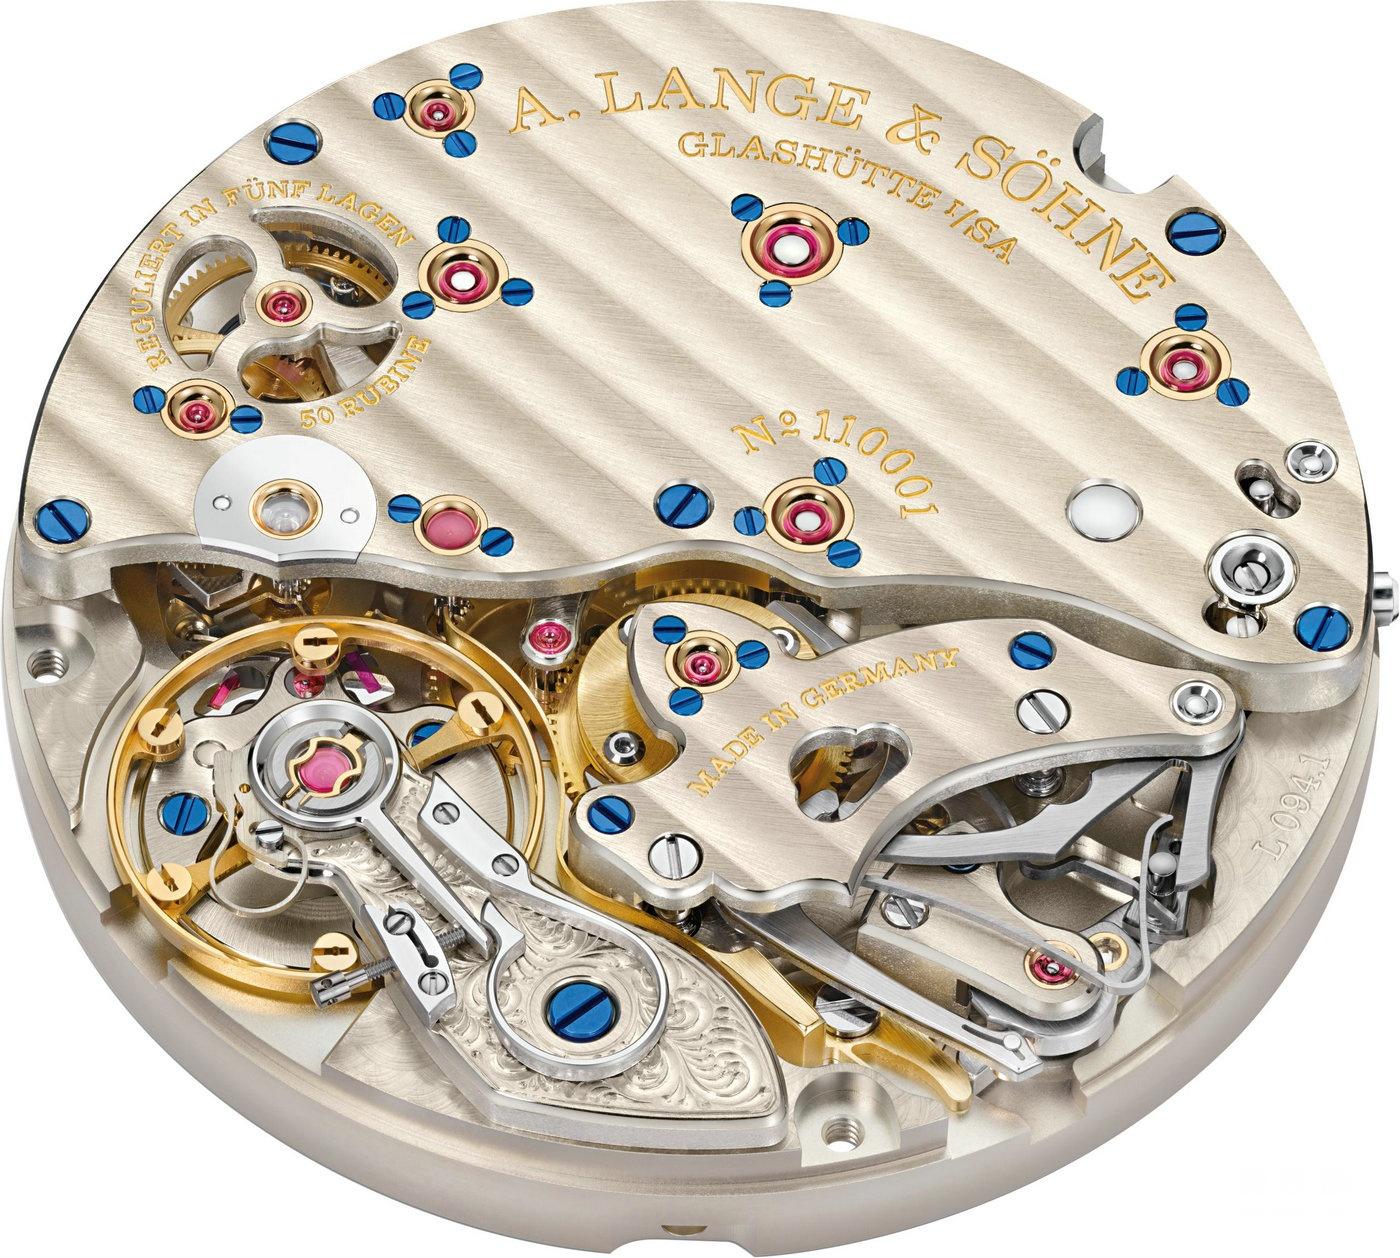 朗格整时器表盘设计腕表现备有18K玫瑰金款式